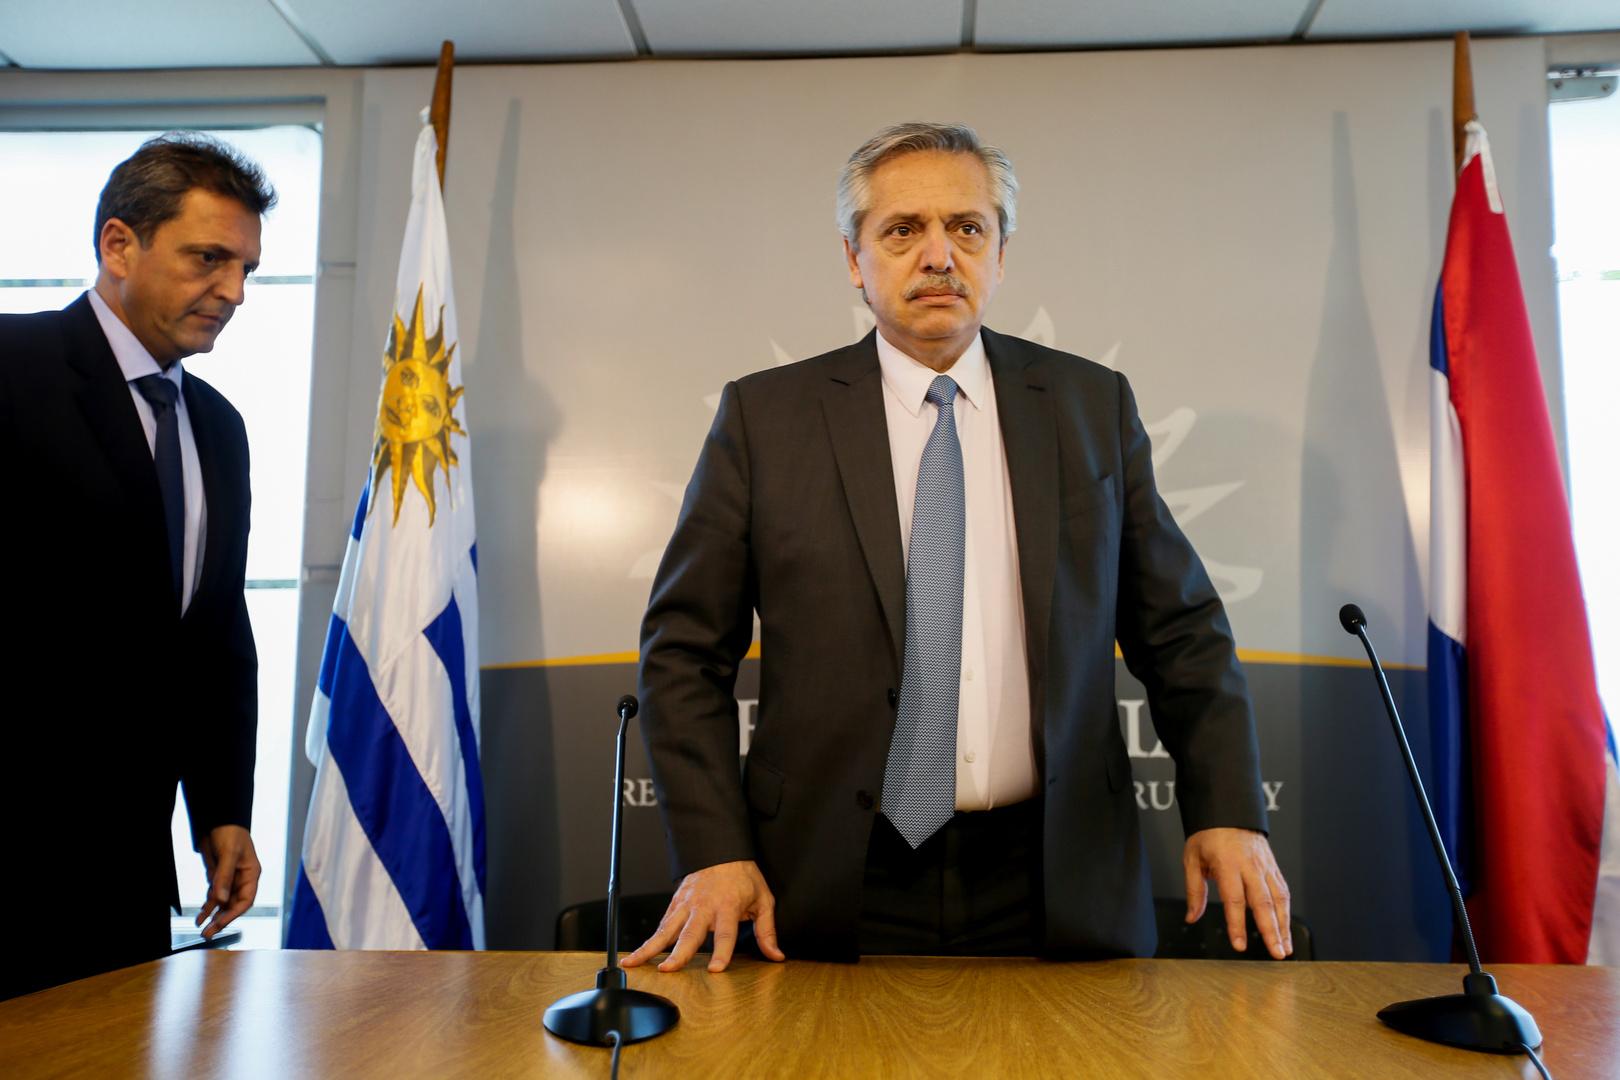 رئيس الأرجنتين يشيد بلقاح